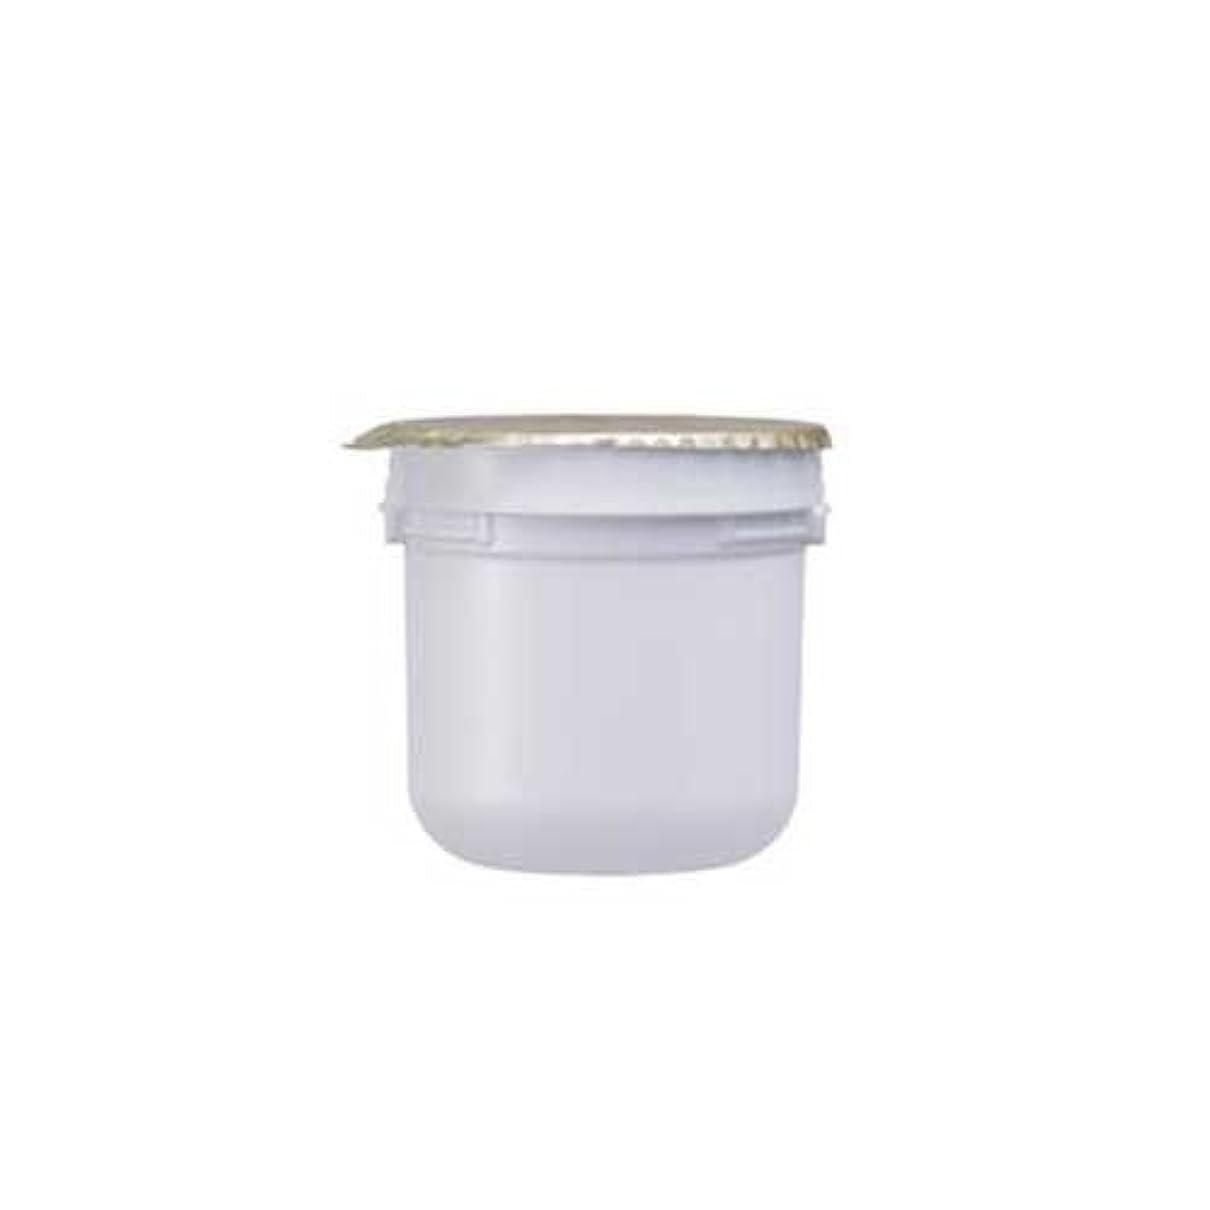 必要としているウィンク移住するASTALIFT(アスタリフト) ホワイト クリーム(美白クリーム)レフィル 30g